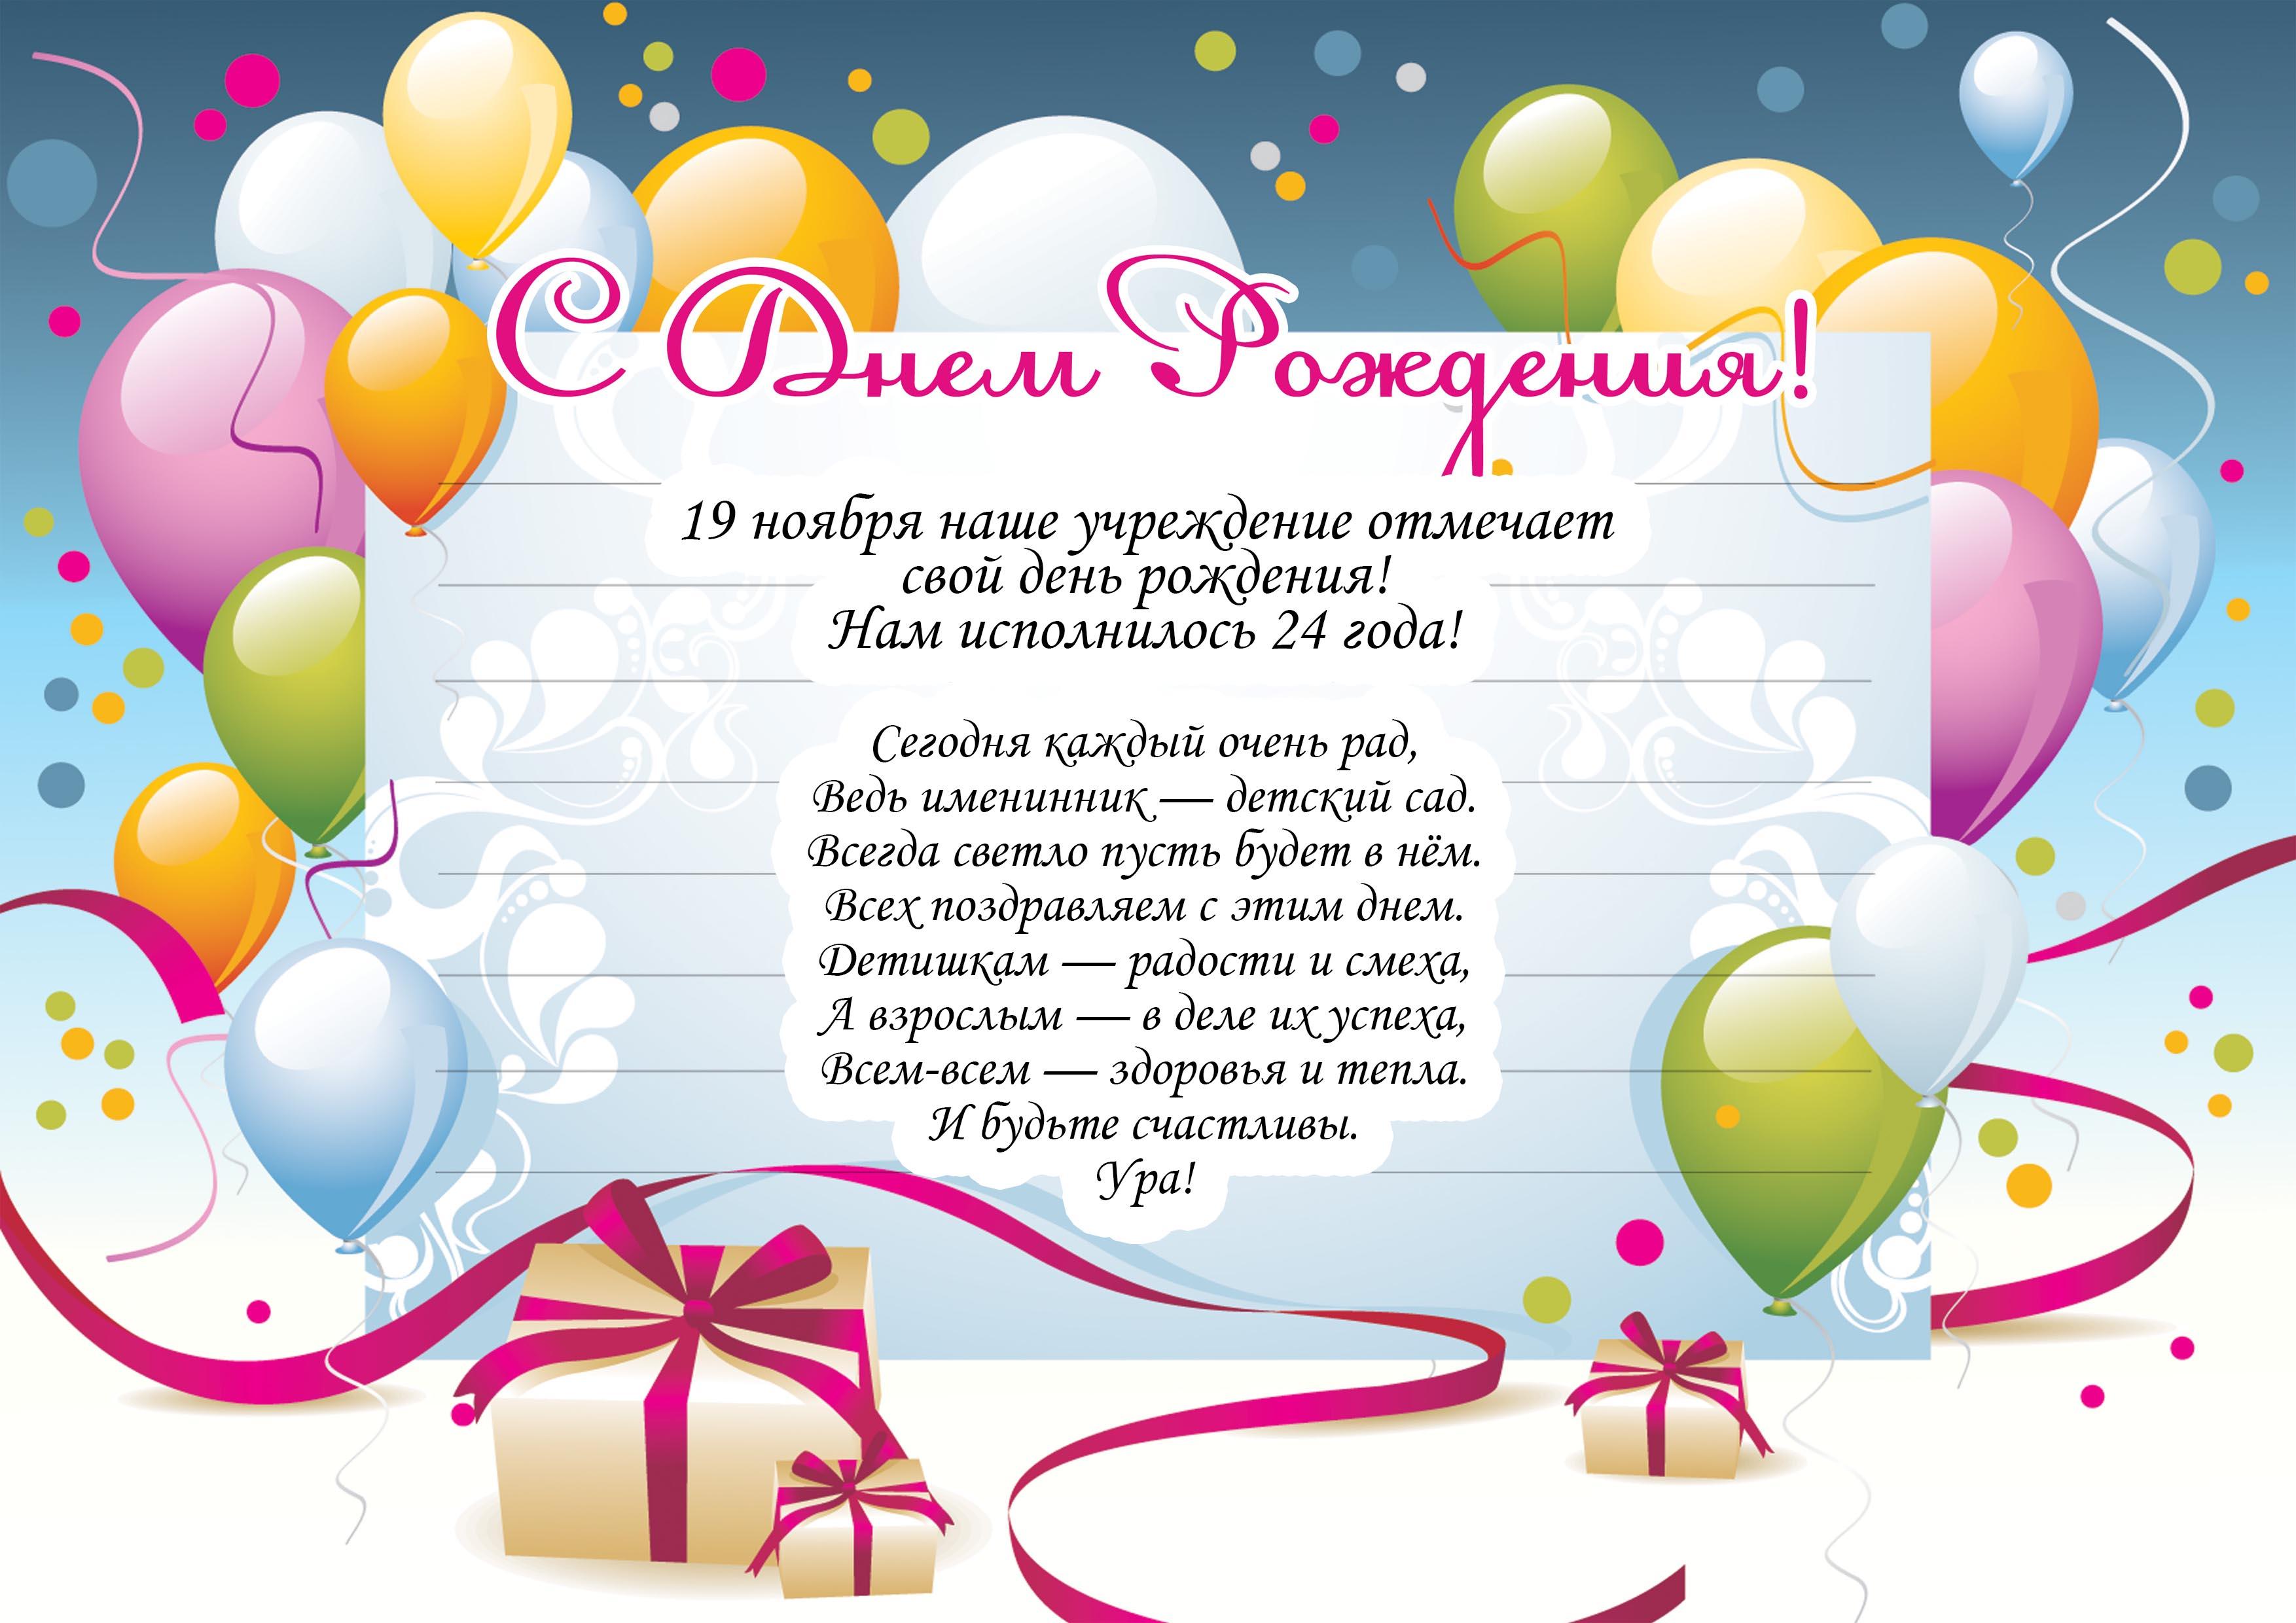 Поздравления с днем рождения родившимся в феврале - Поздравок 92